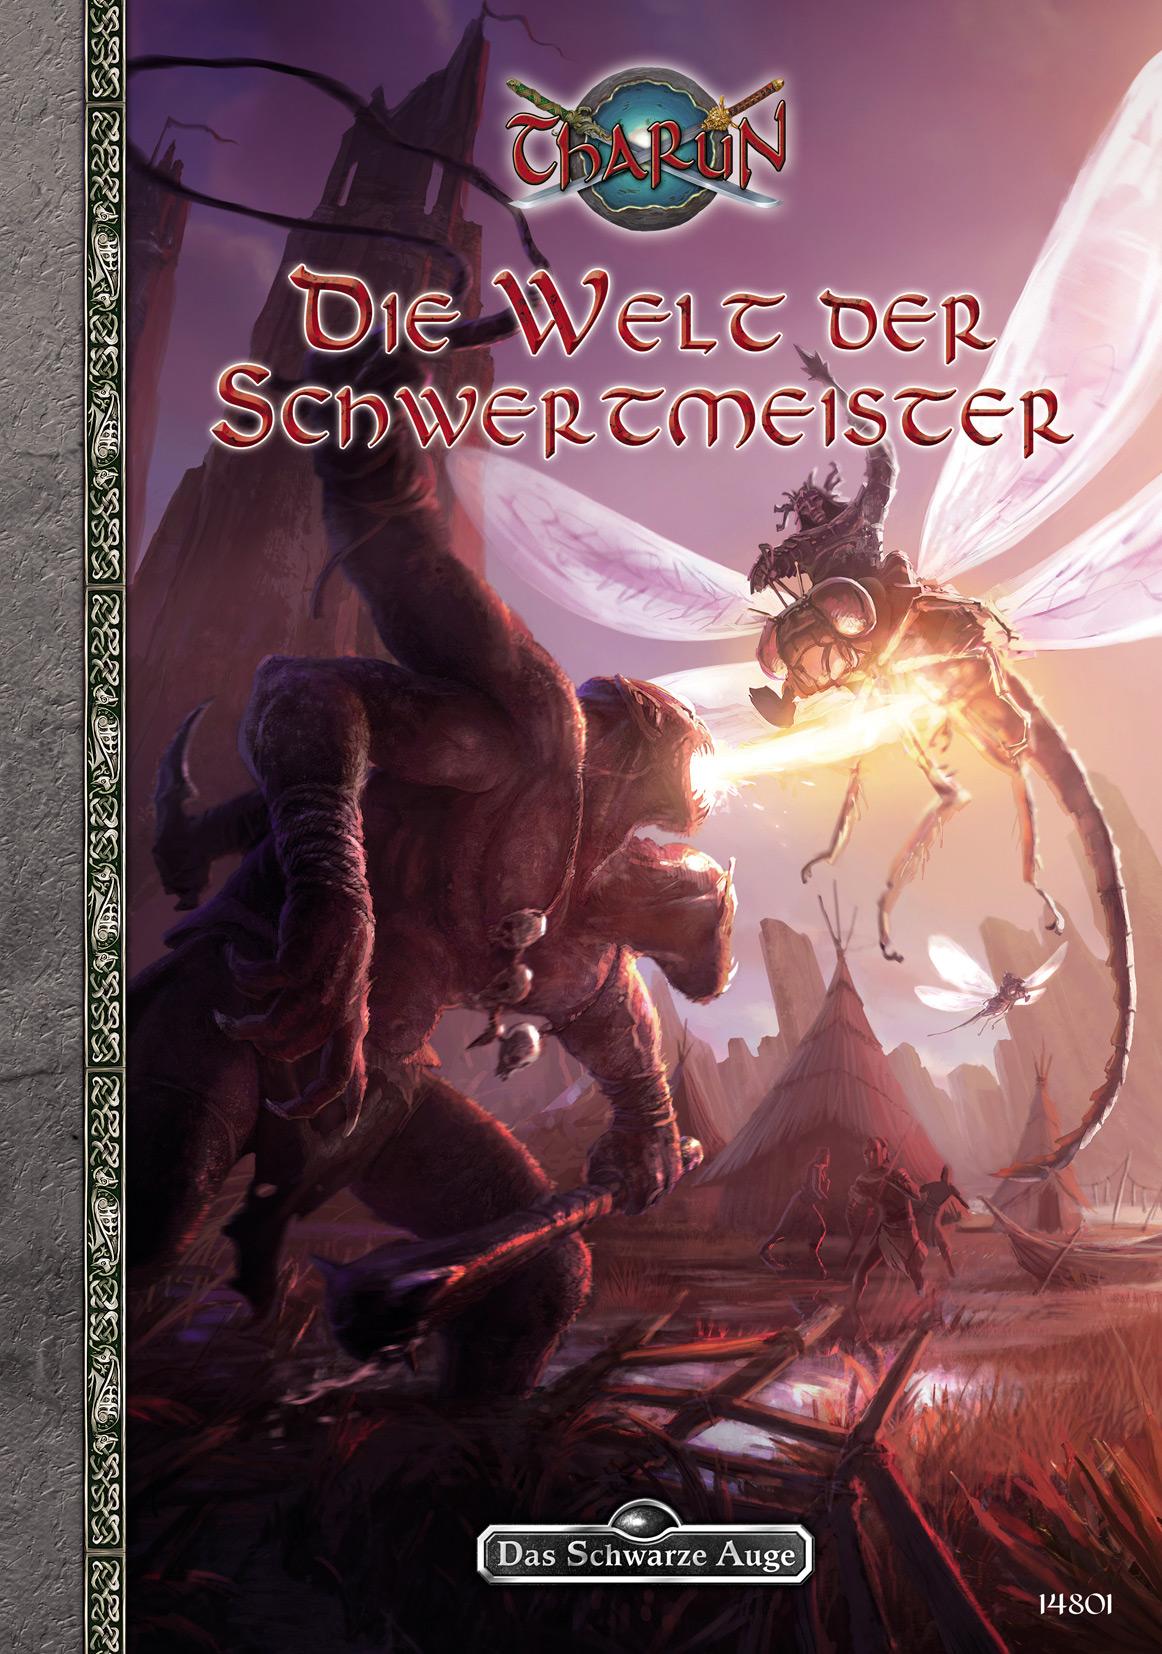 Tharun: Die Welt der Schwertmeister - Arne Gniech, Stefan Küppers